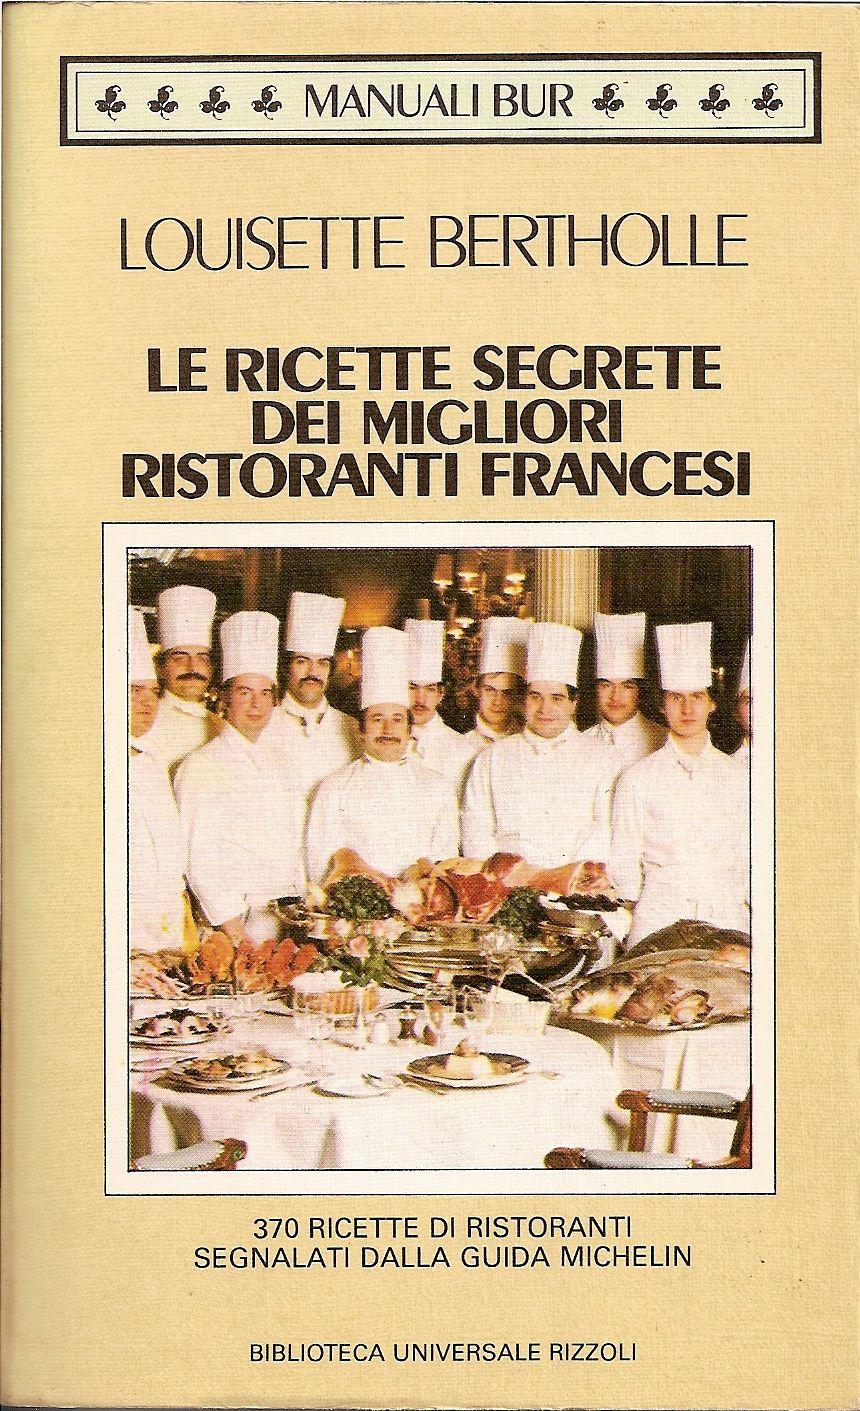 Le ricette segrete dei migliori ristoranti francesi